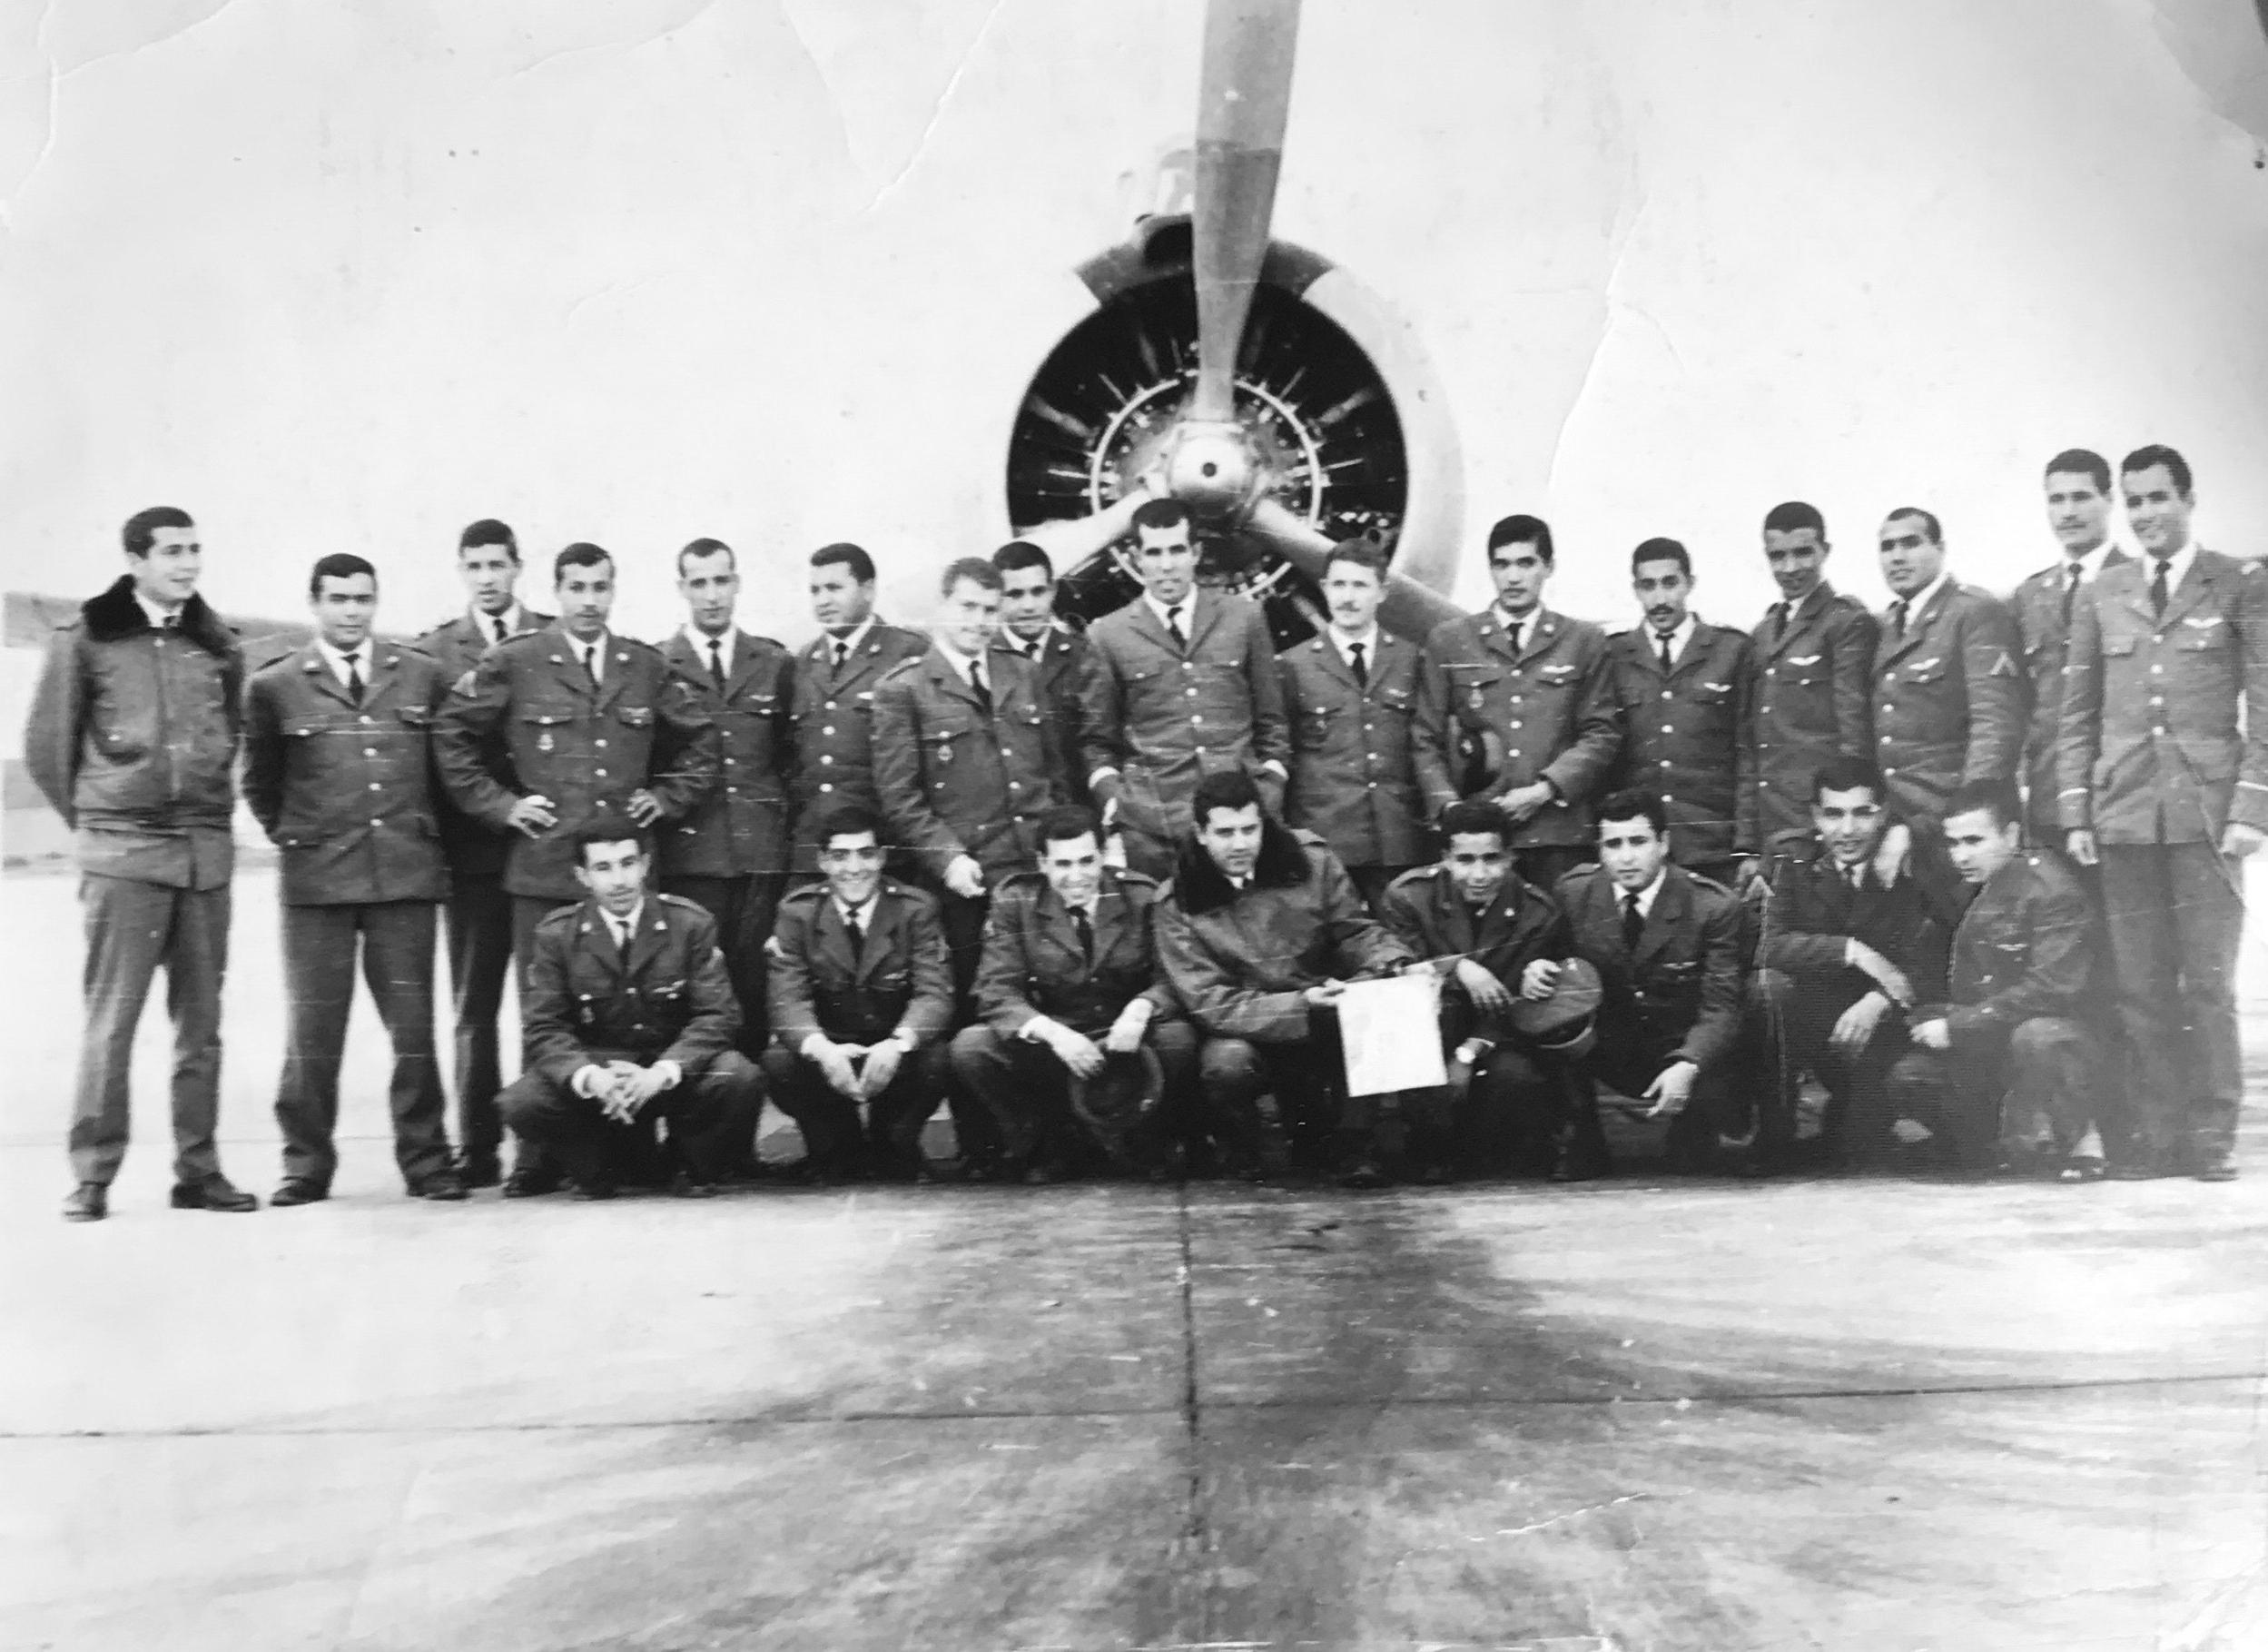 FRA: Photos anciens avions des FRA - Page 14 50319000913_e6173d6d04_o_d